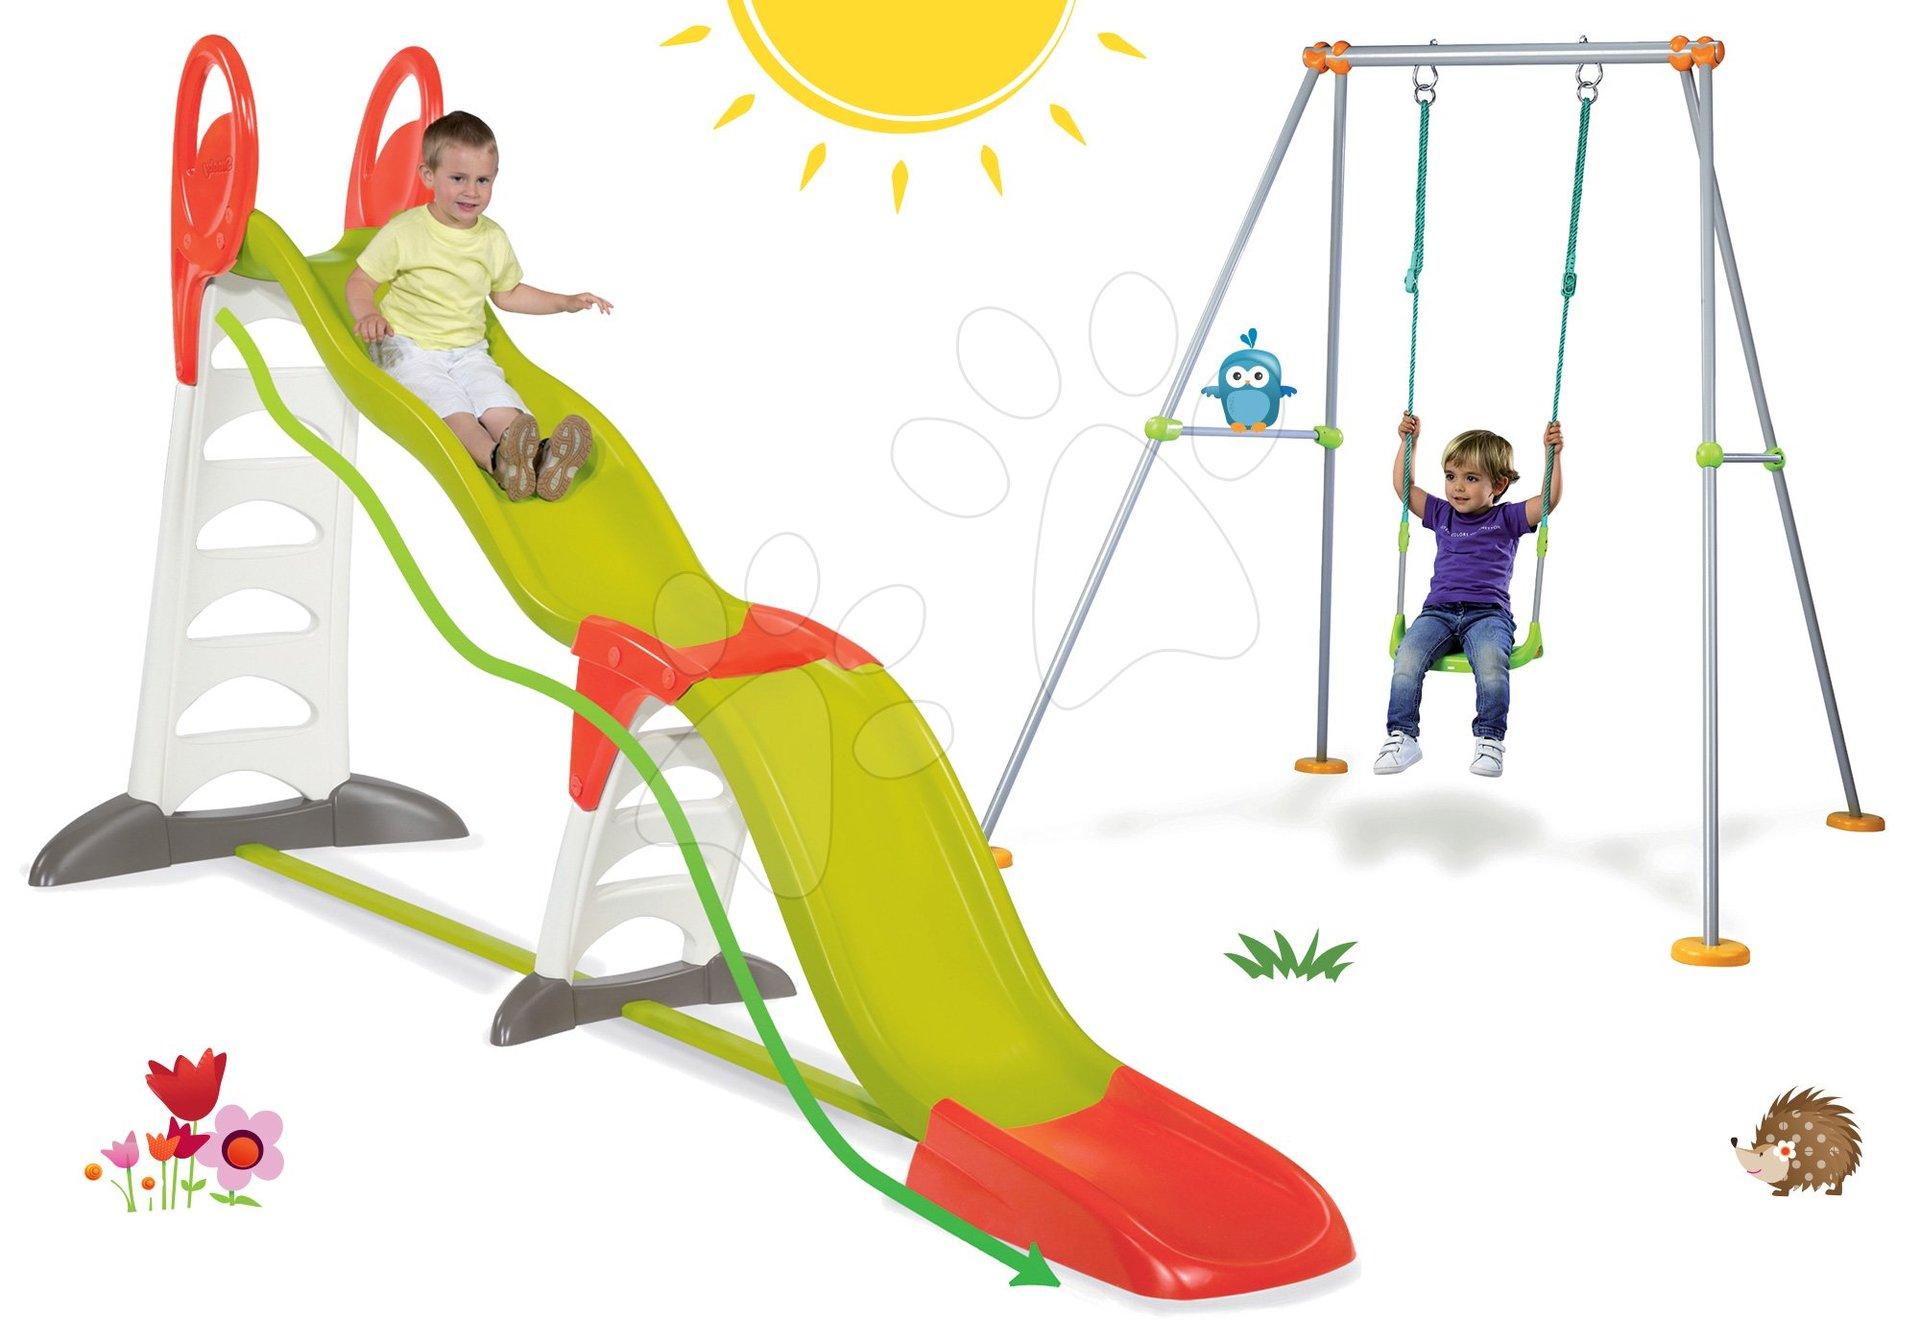 Smoby set šmykľavka pre deti Toboggan Super Megagliss 2v1 a hojdačka s kovovou konštrukciou výška 180 cm 310260-14